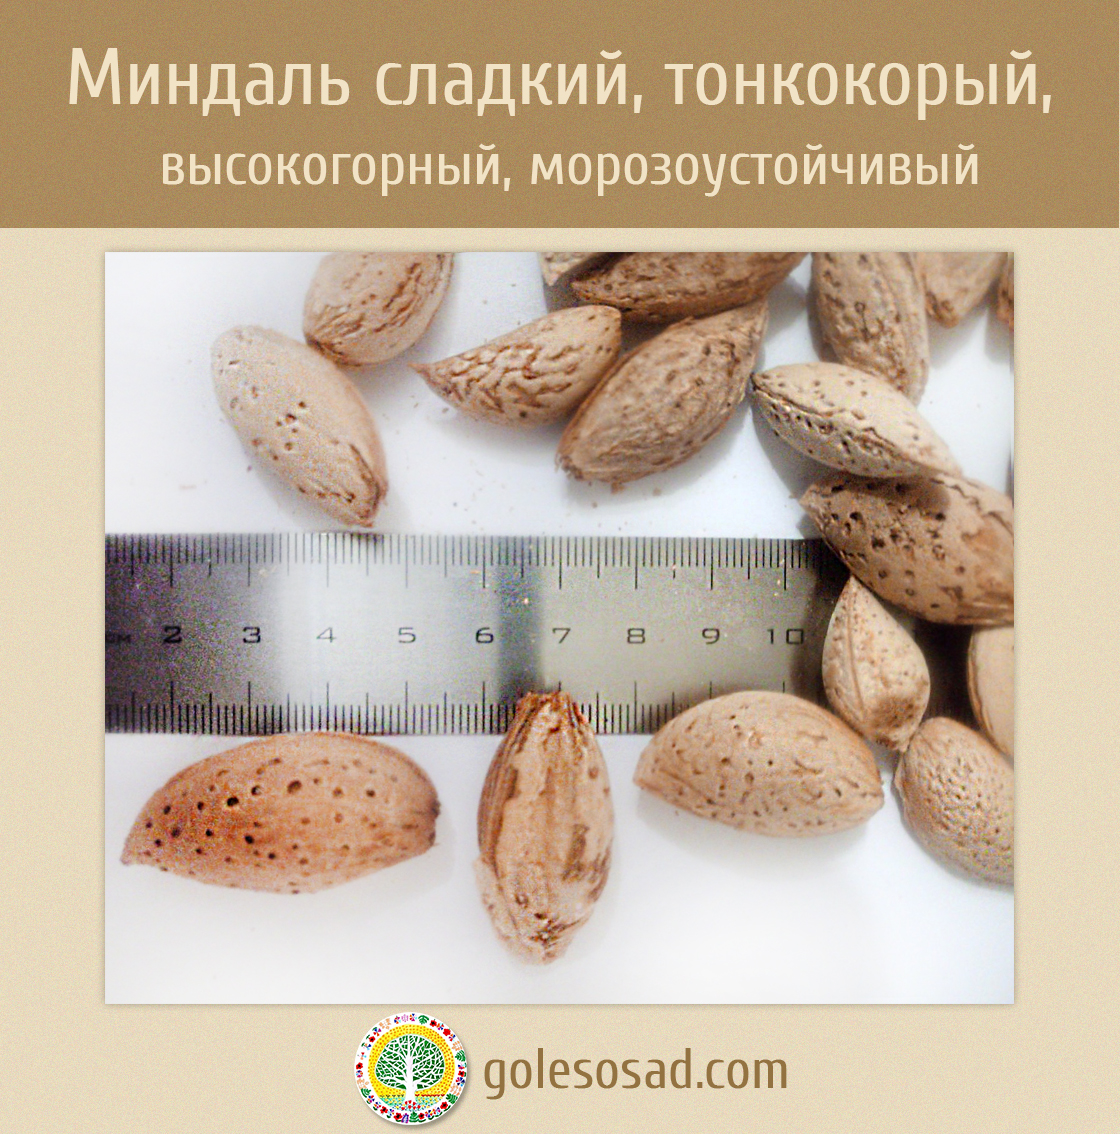 Миндаль морозоустойчивый, тонкокорый, сладкий, семена,